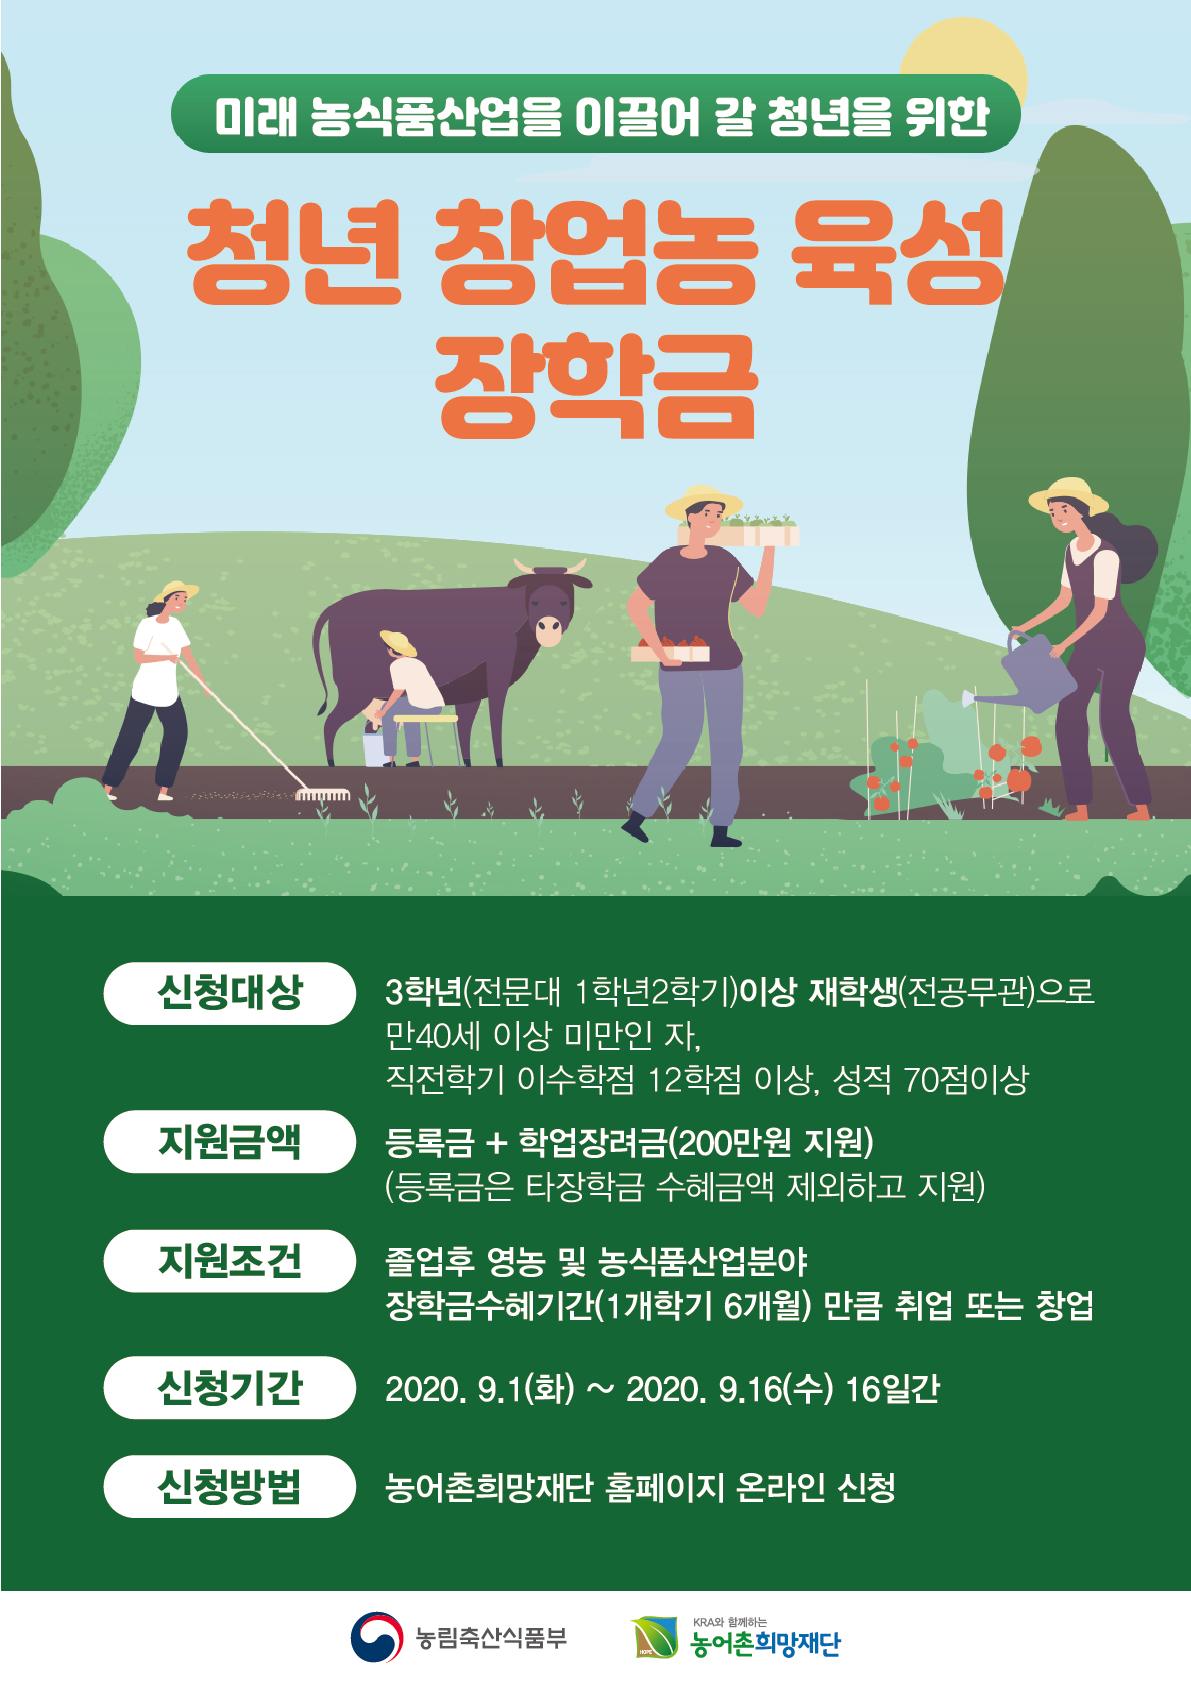 2020년 2학기 청년창업농육성장학금 추가모집 홍보 [이미지]